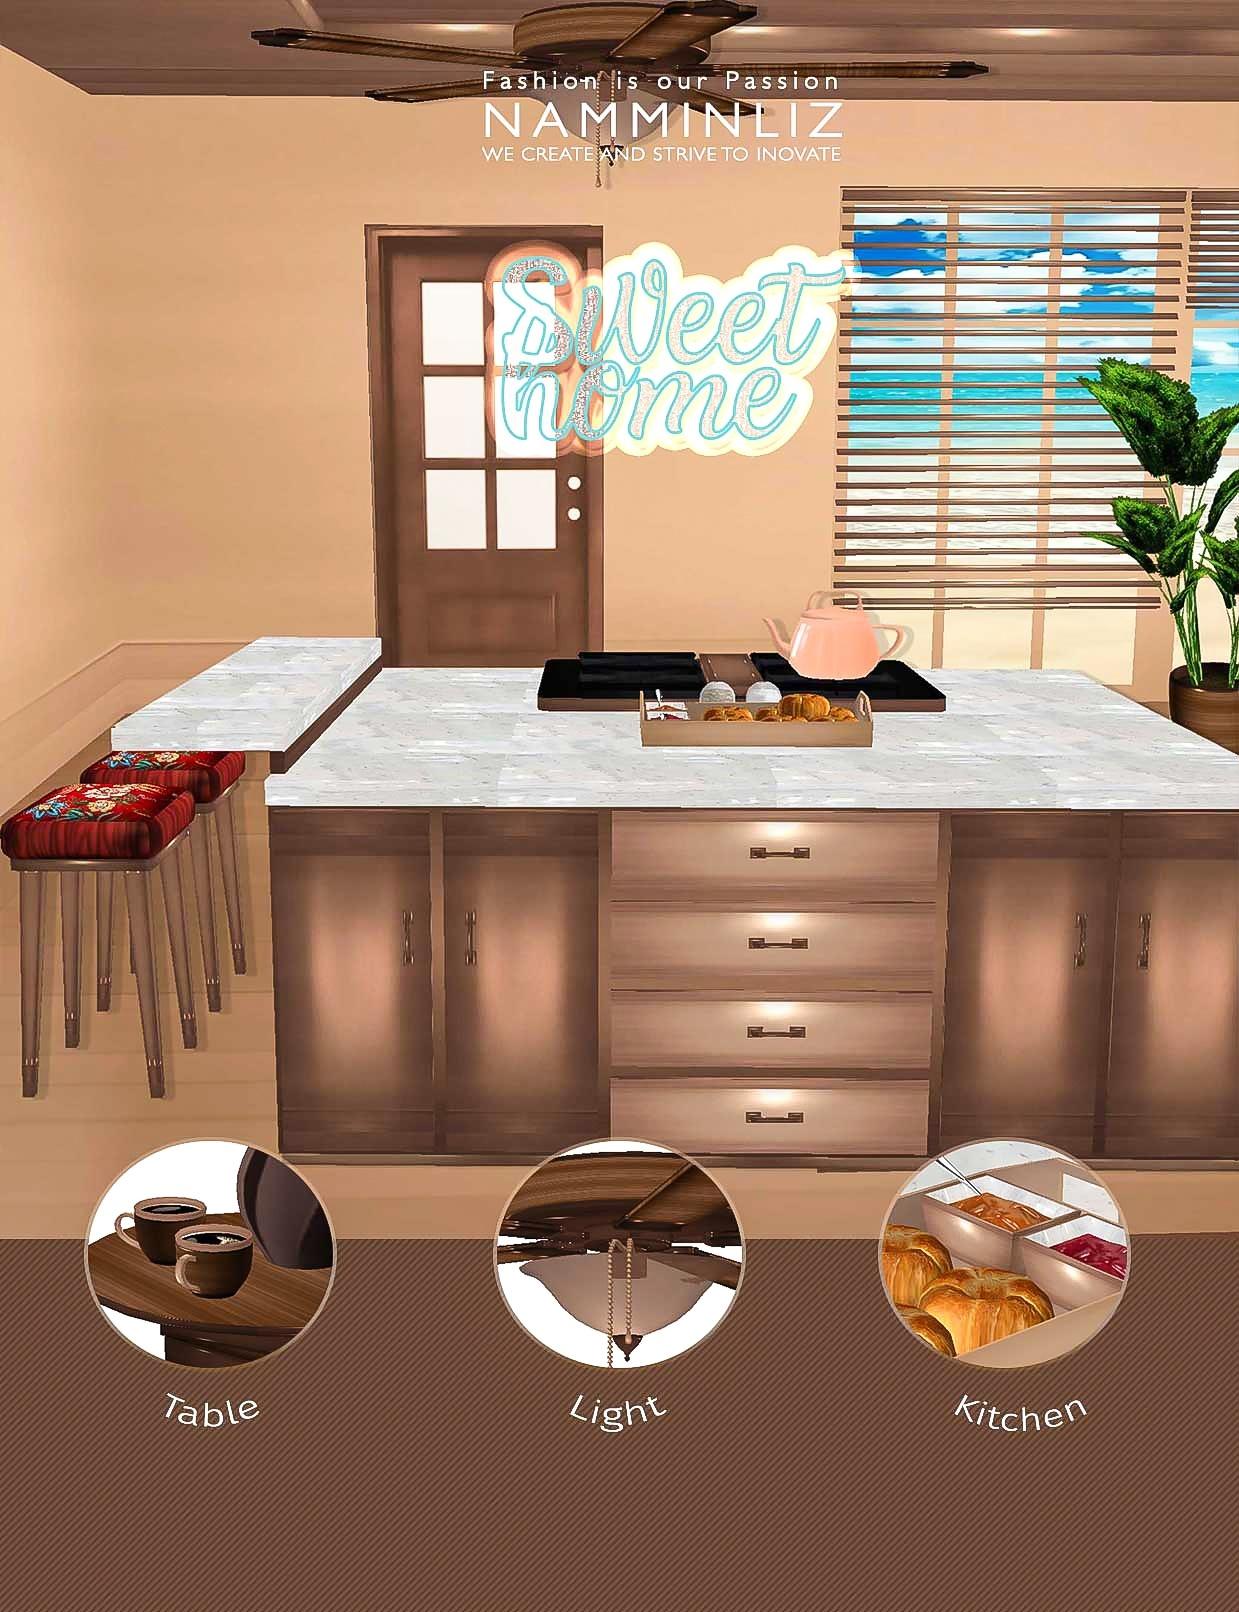 Sweet Home imvu Home decor 49 Textures JPEG • 16*.CHKN